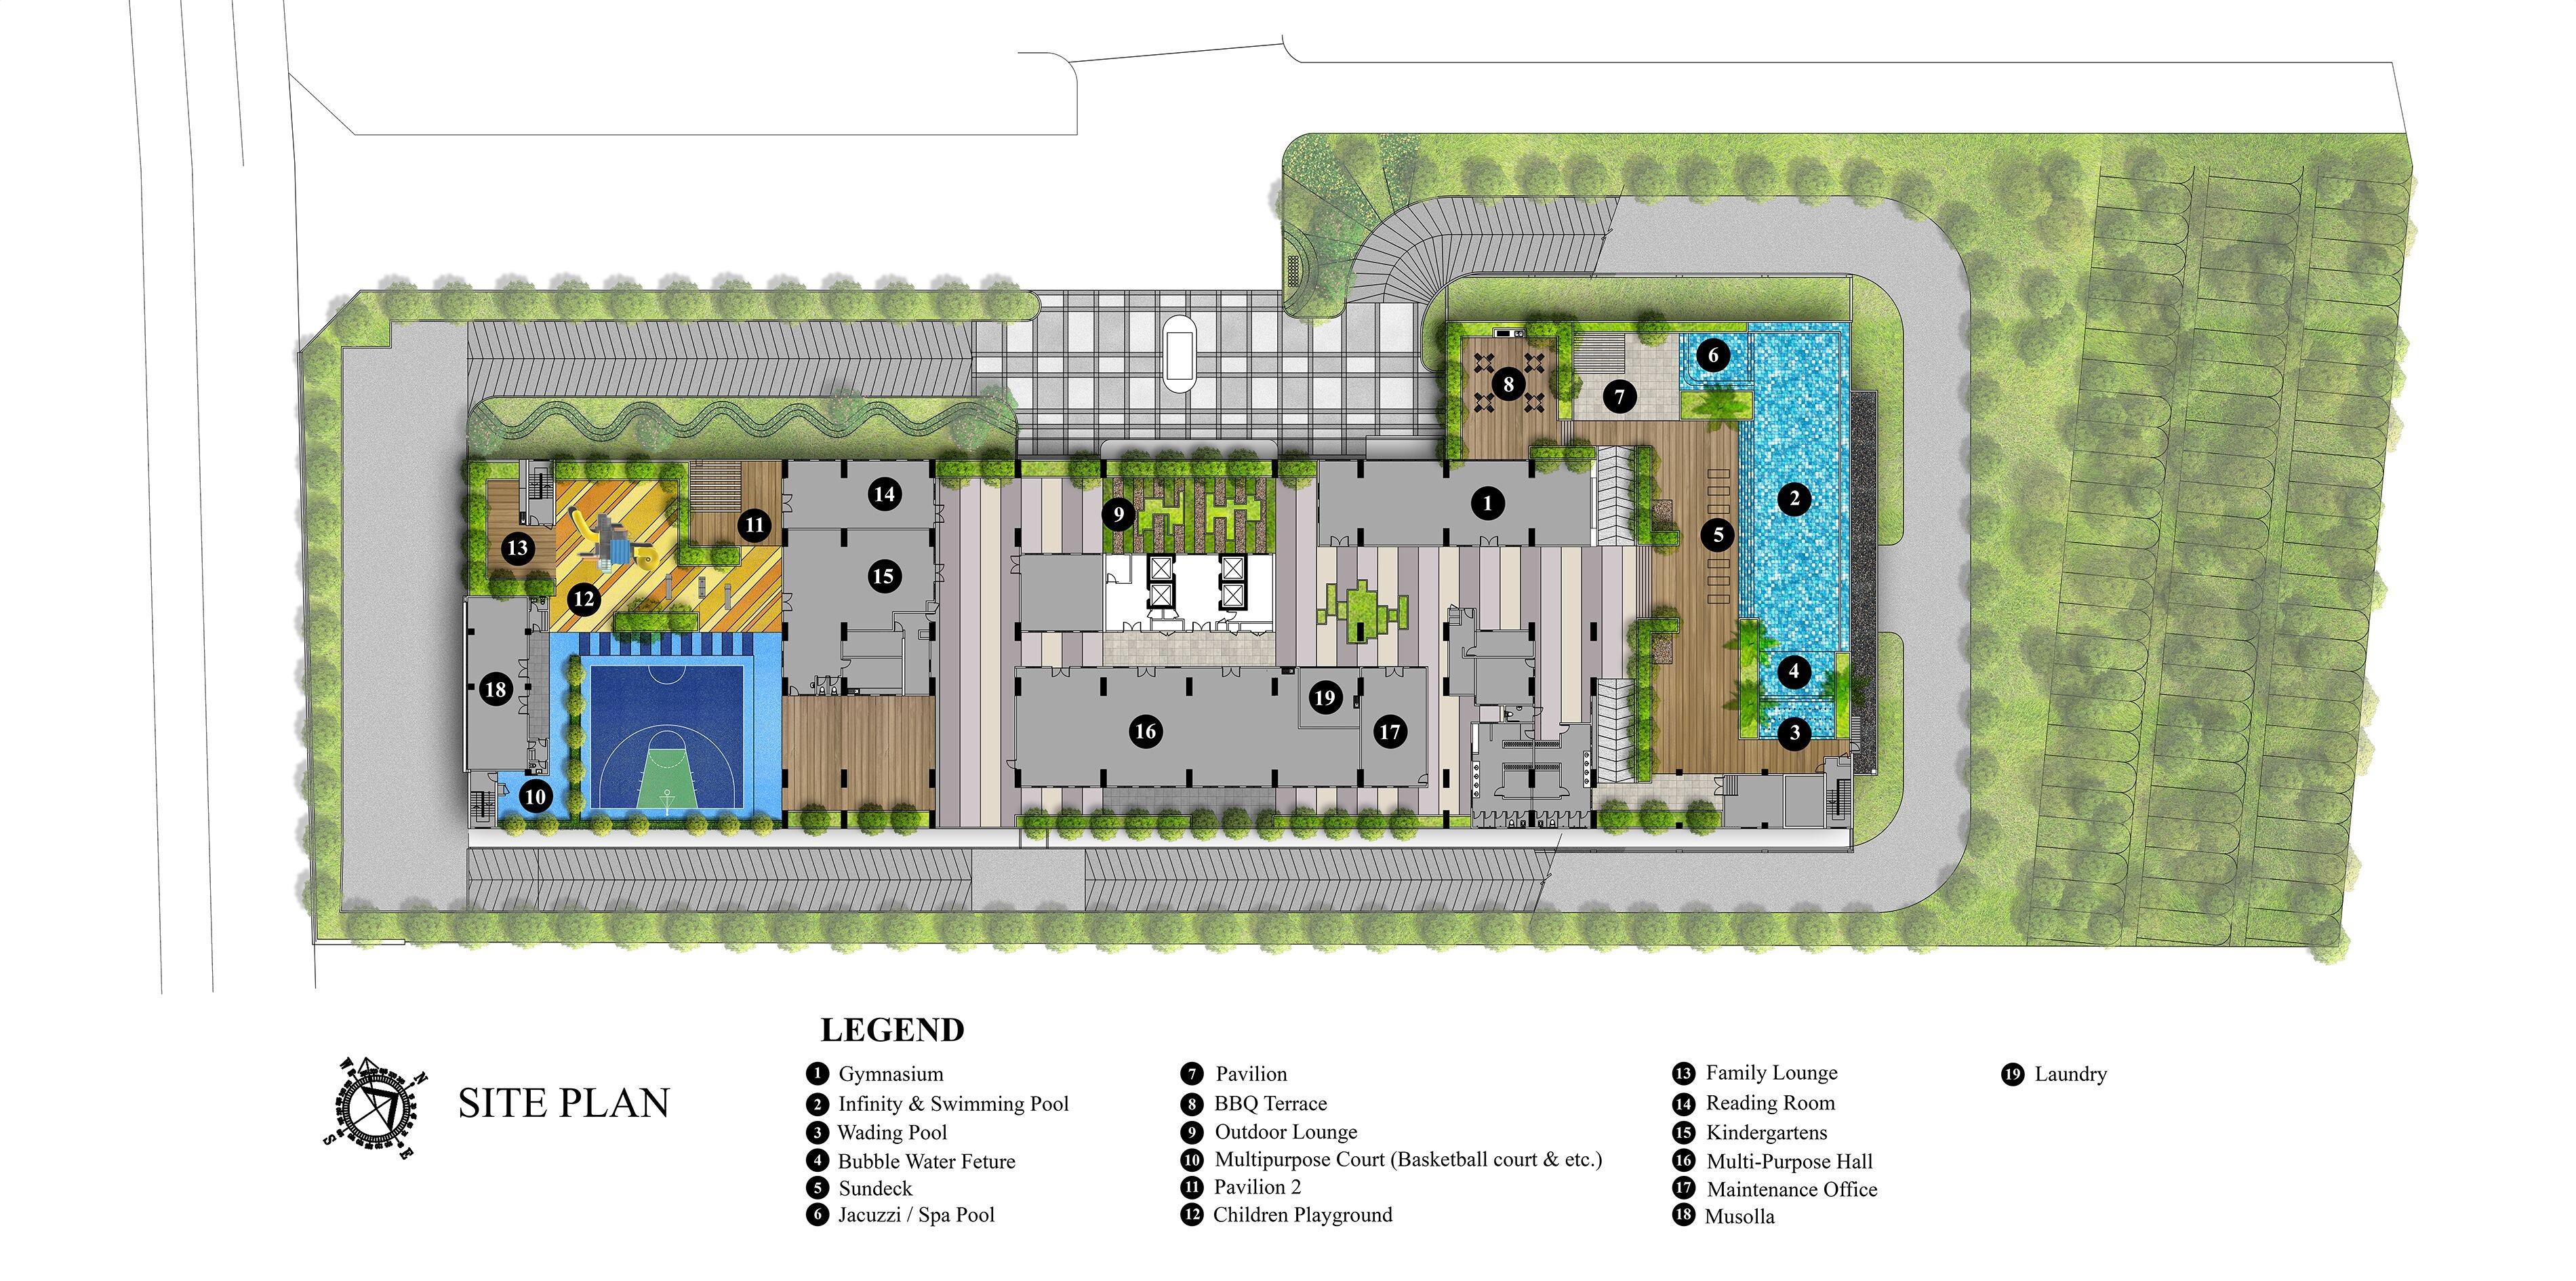 Site Plan of Iris Residence